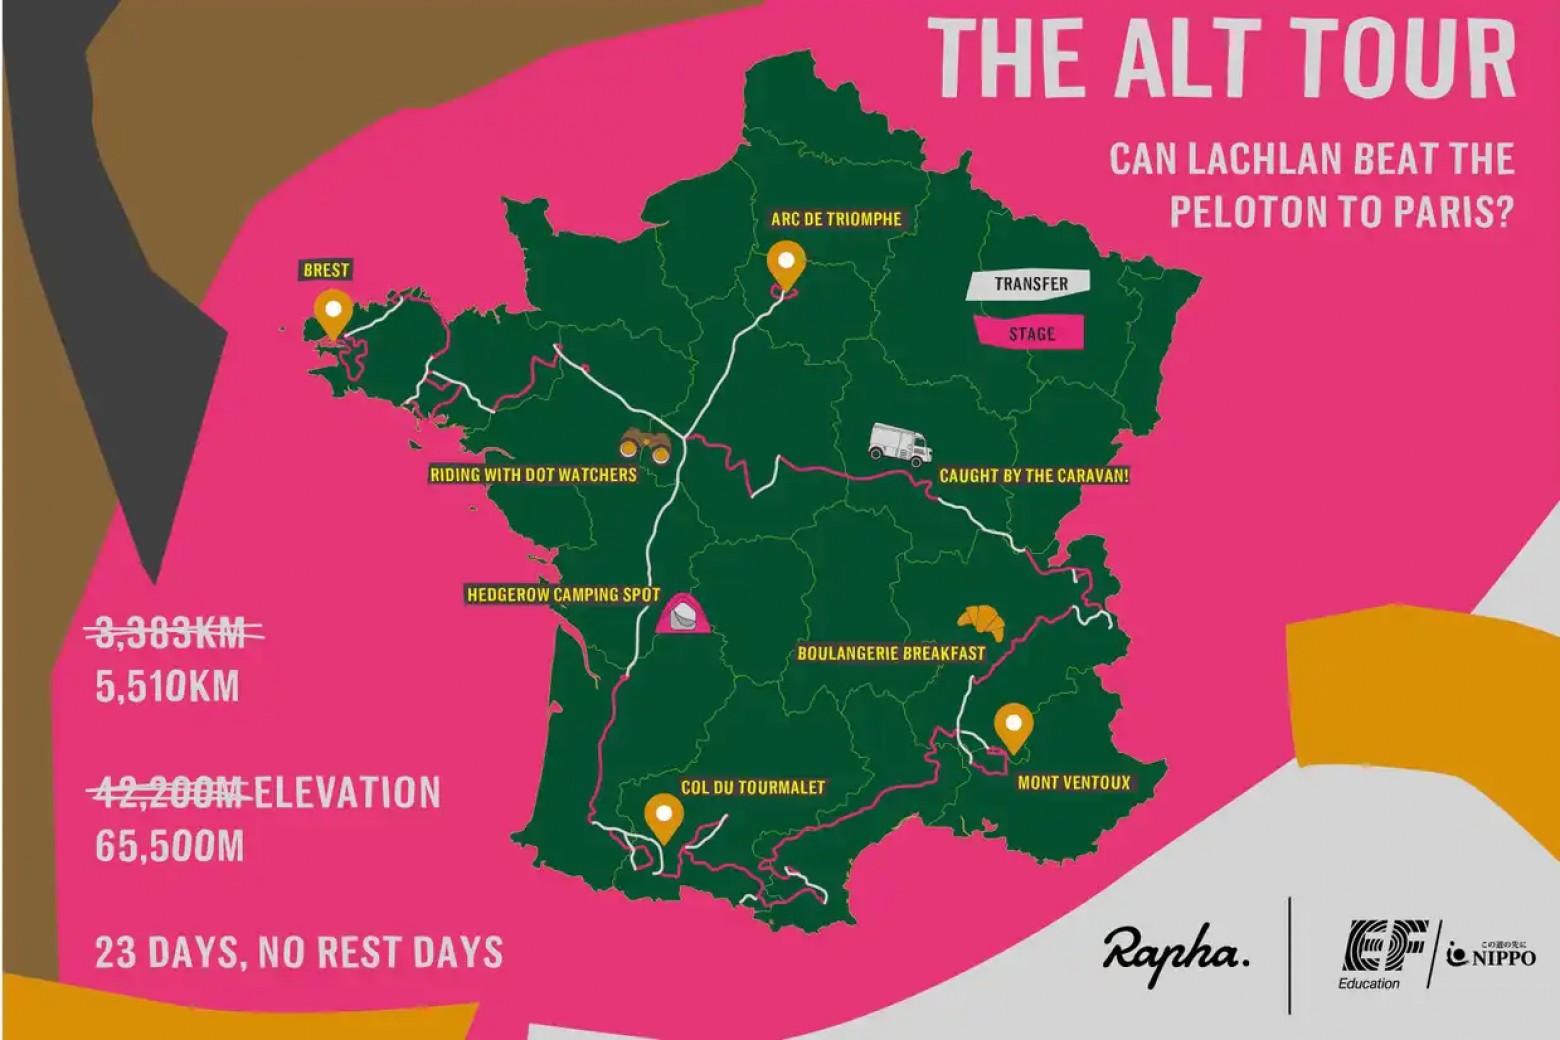 Lachlan Morton z Alt Tourom želi prehiteti karavano Toura do Pariza